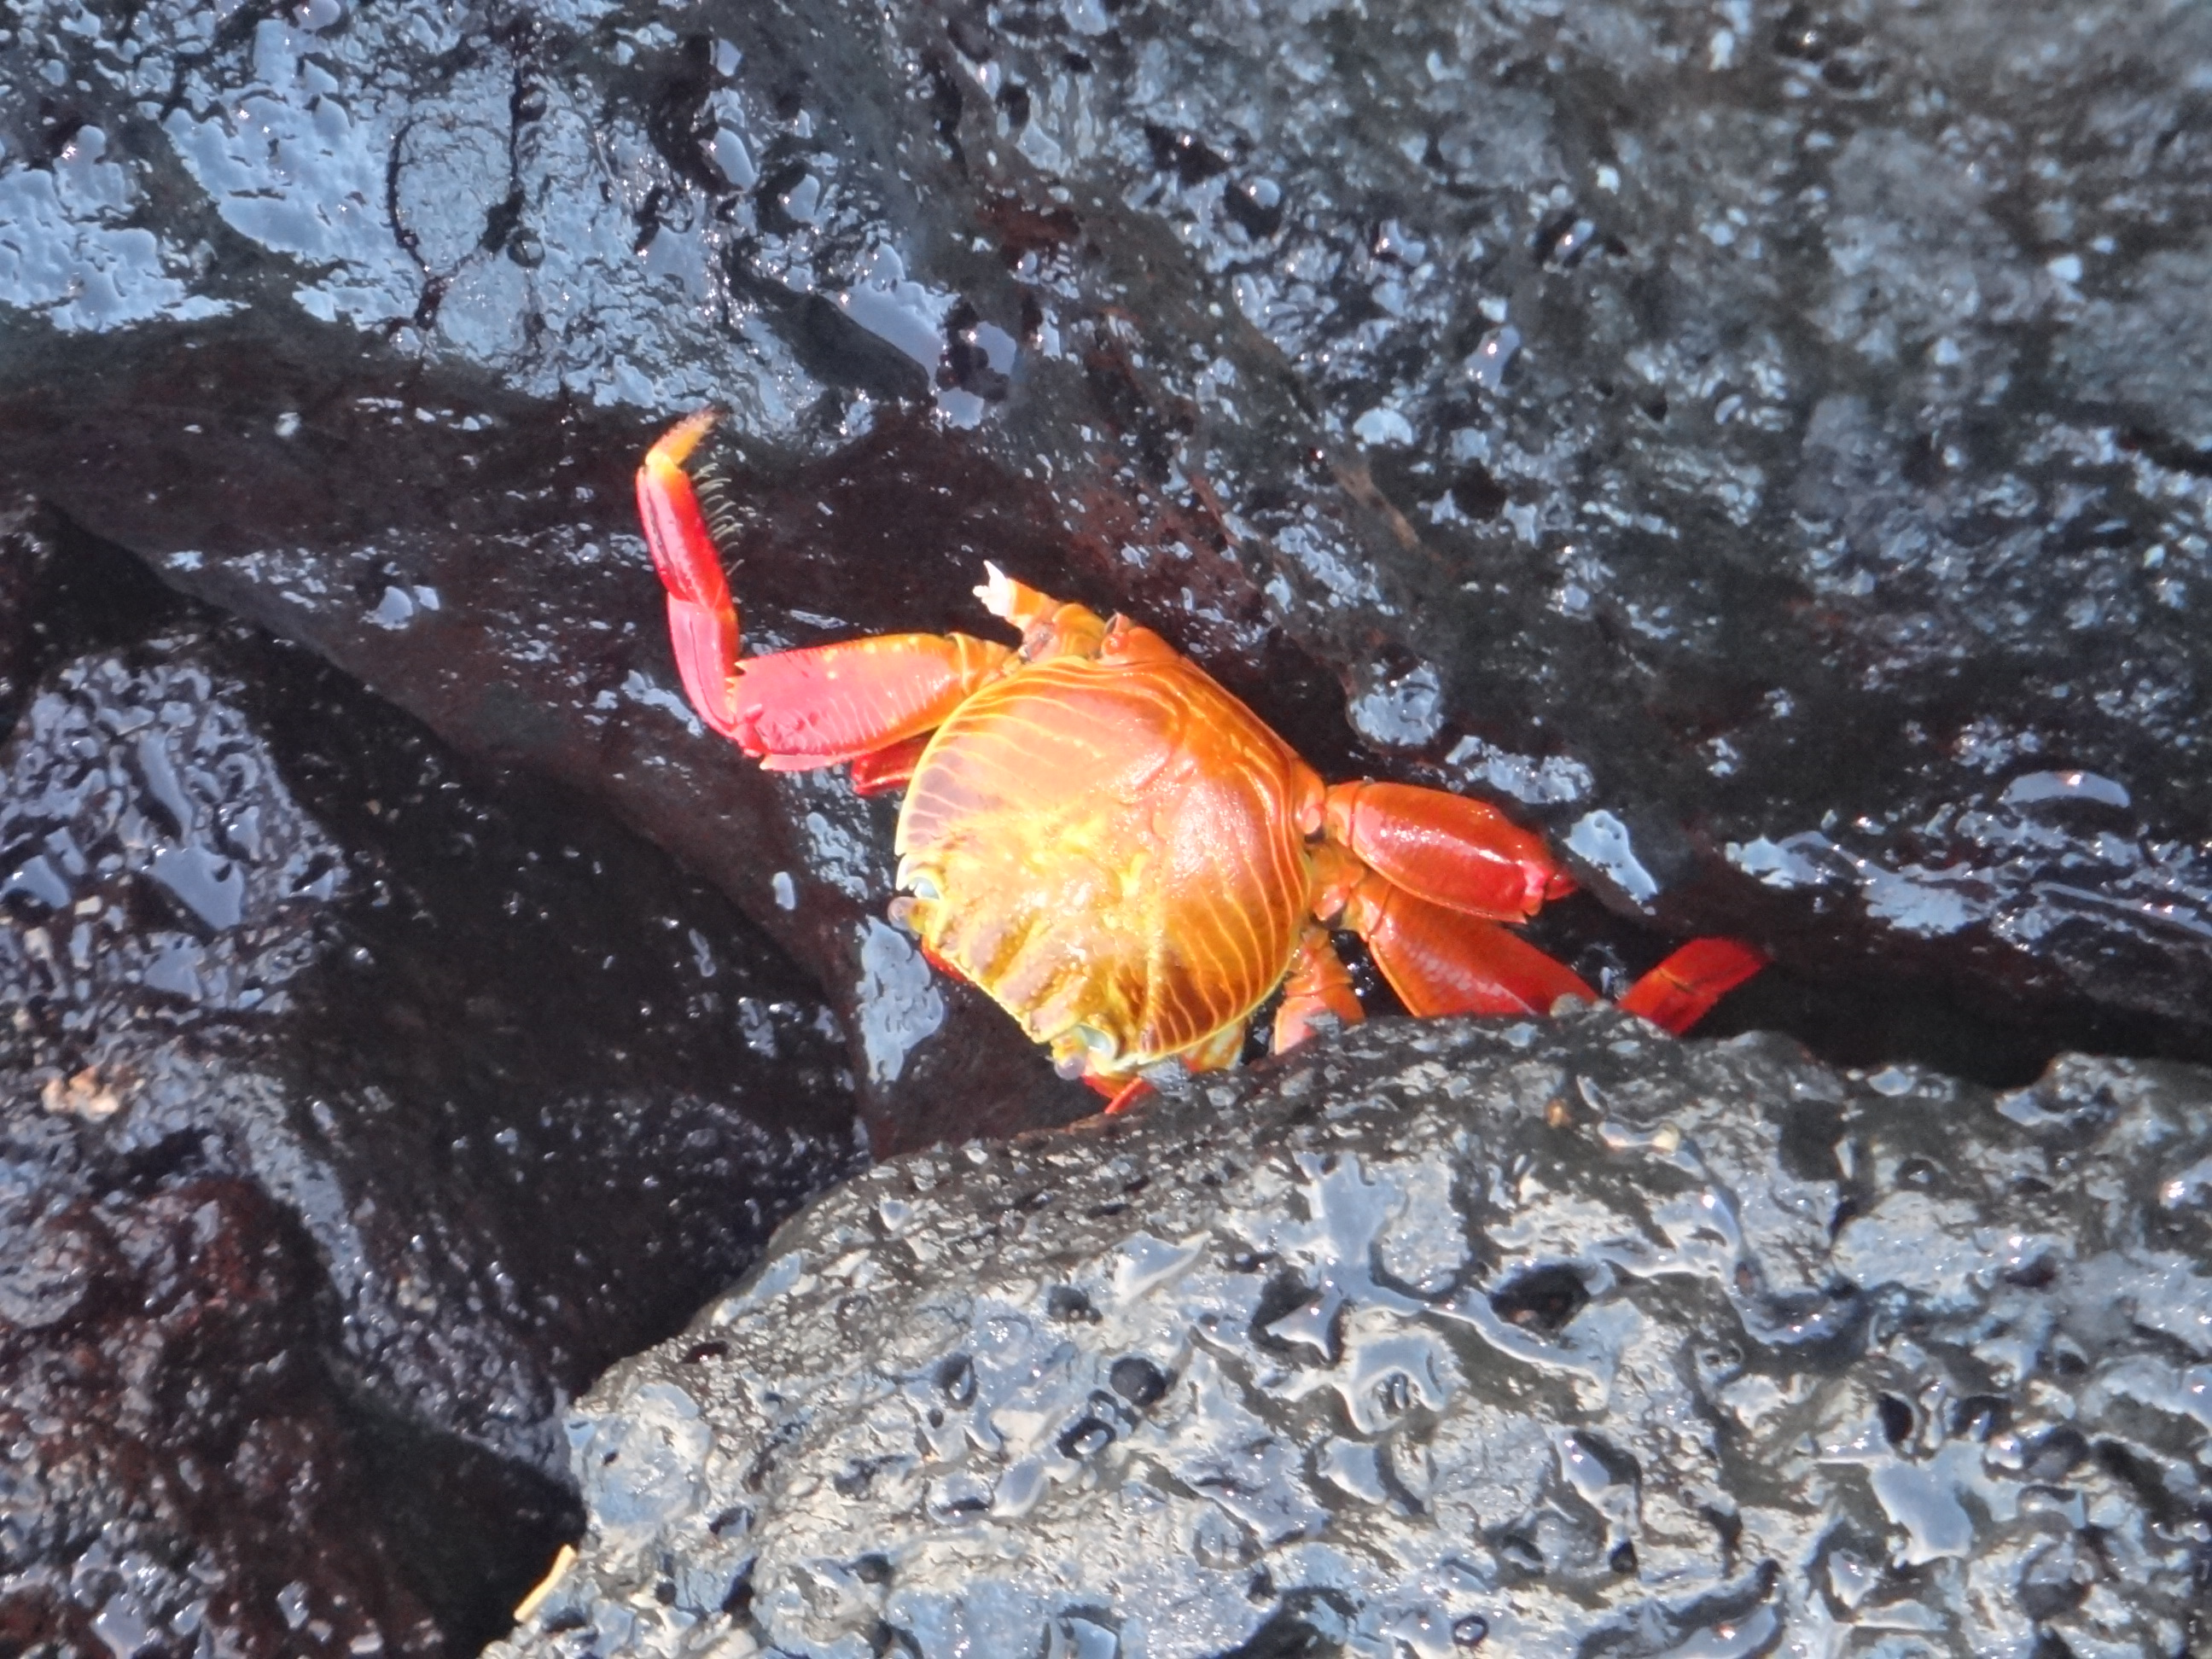 Ecuador_Galapagos Islands_Isla Santa Cruz_Sally Lightfoot crab at  Playa Estacion